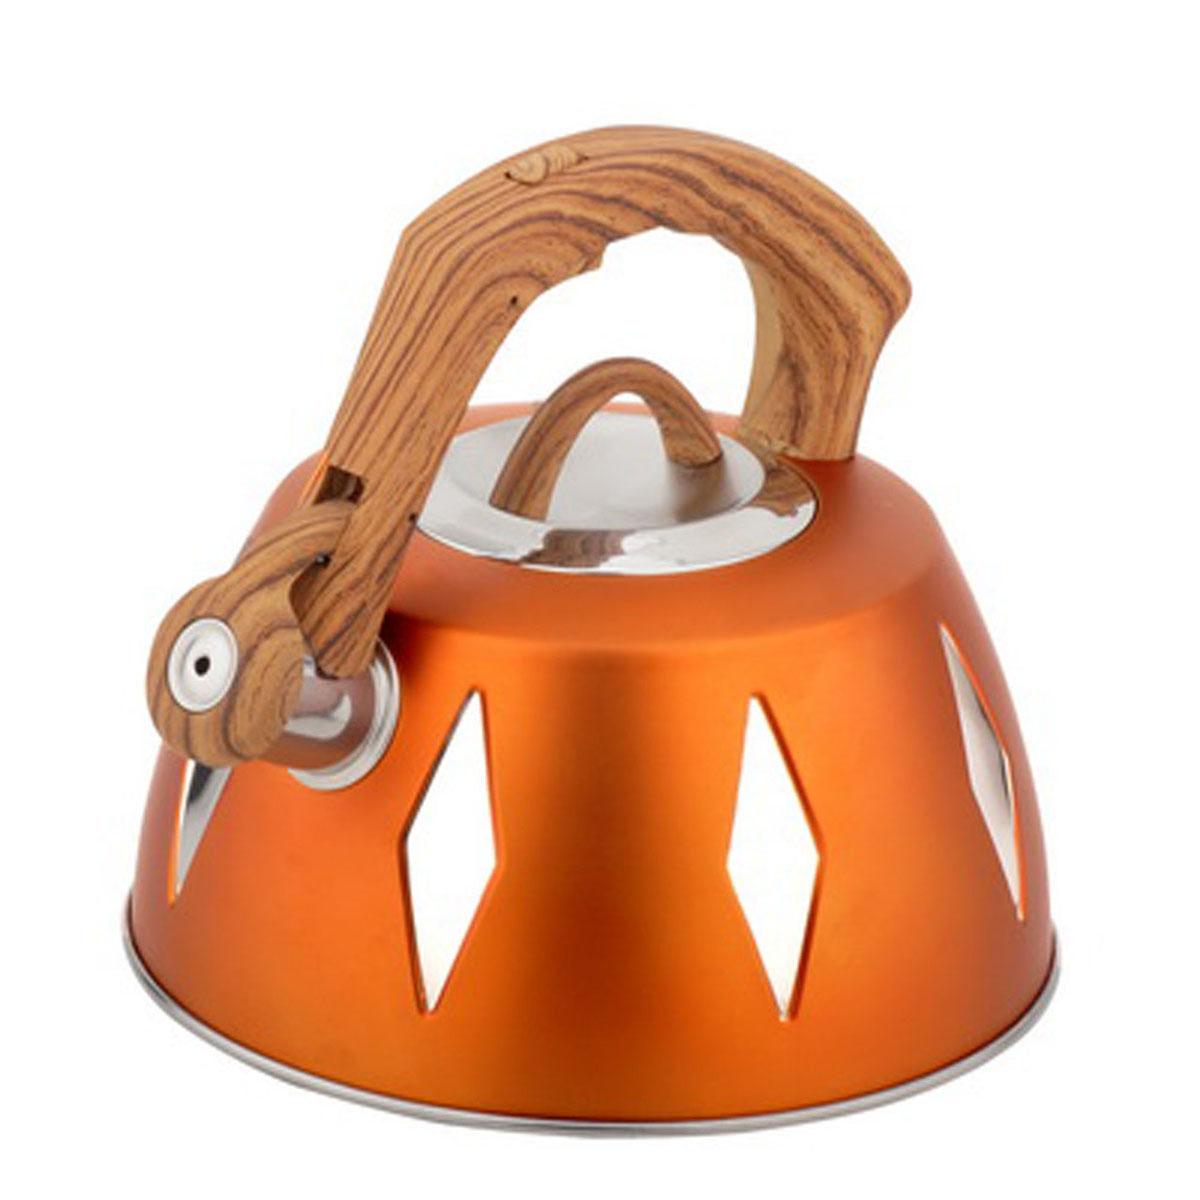 Чайник Bohmann со свистком, 3,5 л, цвет: оранжевый. BH-99689968BHNEWЧайник Bohmann изготовлен из высококачественной нержавеющей стали с цветным матовым покрытием. Нержавеющая сталь - материал, из которого в течение нескольких десятилетий во всем мире производятся столовые приборы, кухонные инструменты и различные аксессуары. Этот материал обладает высокой стойкостью к коррозии и кислотам. Прочность, долговечность и надежность этого материала, а также первоклассная обработка обеспечивают практически неограниченный запас прочности и неизменно привлекательный внешний вид. Капсульное дно позволяет изделию быстро нагреваться и дольше сохранять тепло. Чайник оснащен фиксированной прорезиненной цветной ручкой, что предотвращает появление ожогов и обеспечивает безопасность использования. Носик чайника имеет откидной свисток, который подскажет, когда вода закипела. Можно использовать на газовых, электрических, галогенных, стеклокерамических, индукционных плитах. Можно мыть в посудомоечной машине. Высота чайника (без учета ручки и крышки):...